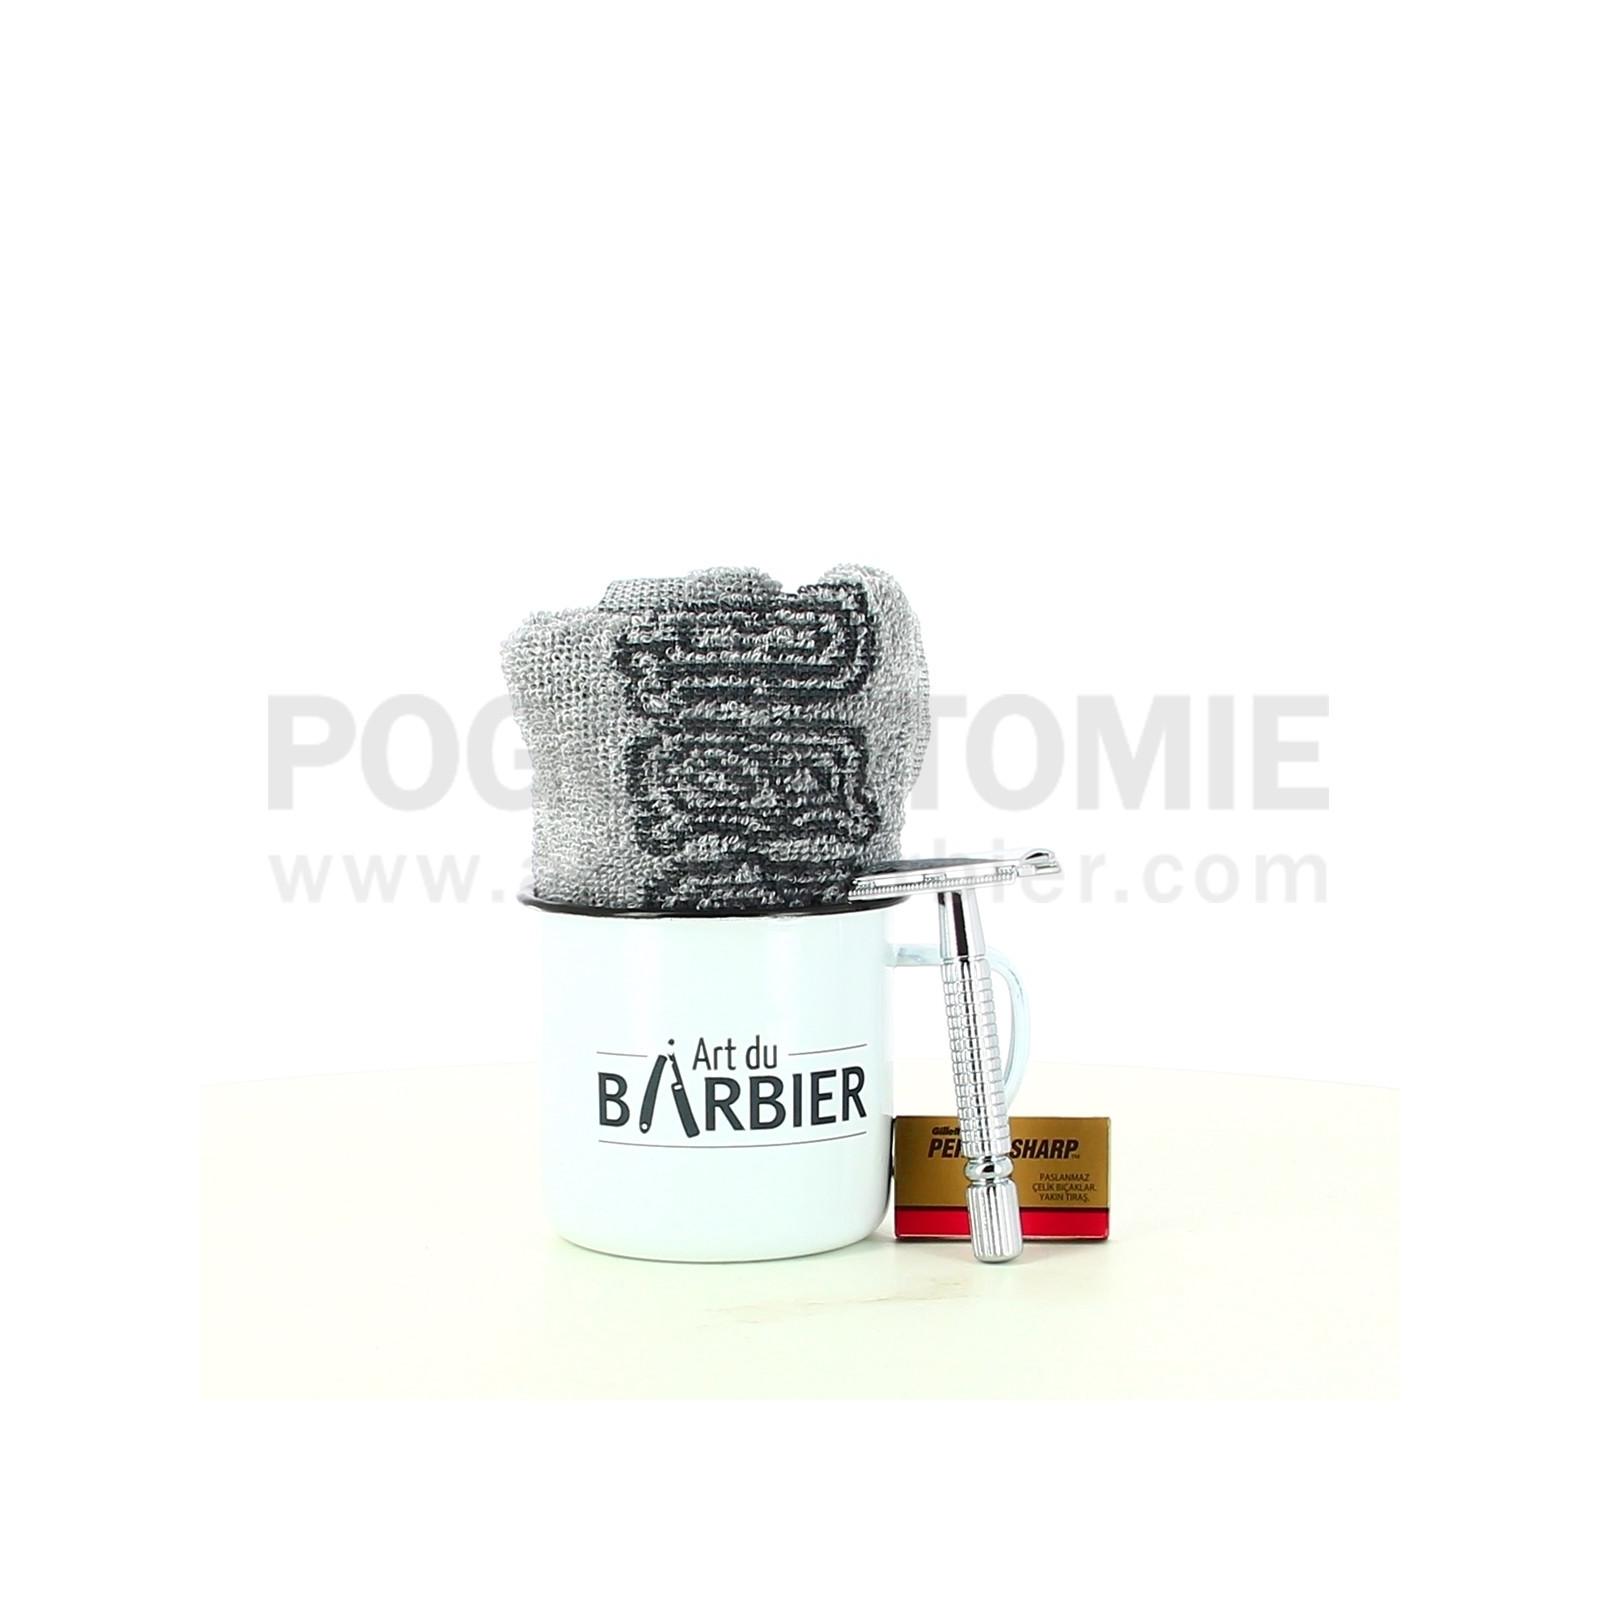 Coffret Tasse Rasage avec serviette Art du Barbier